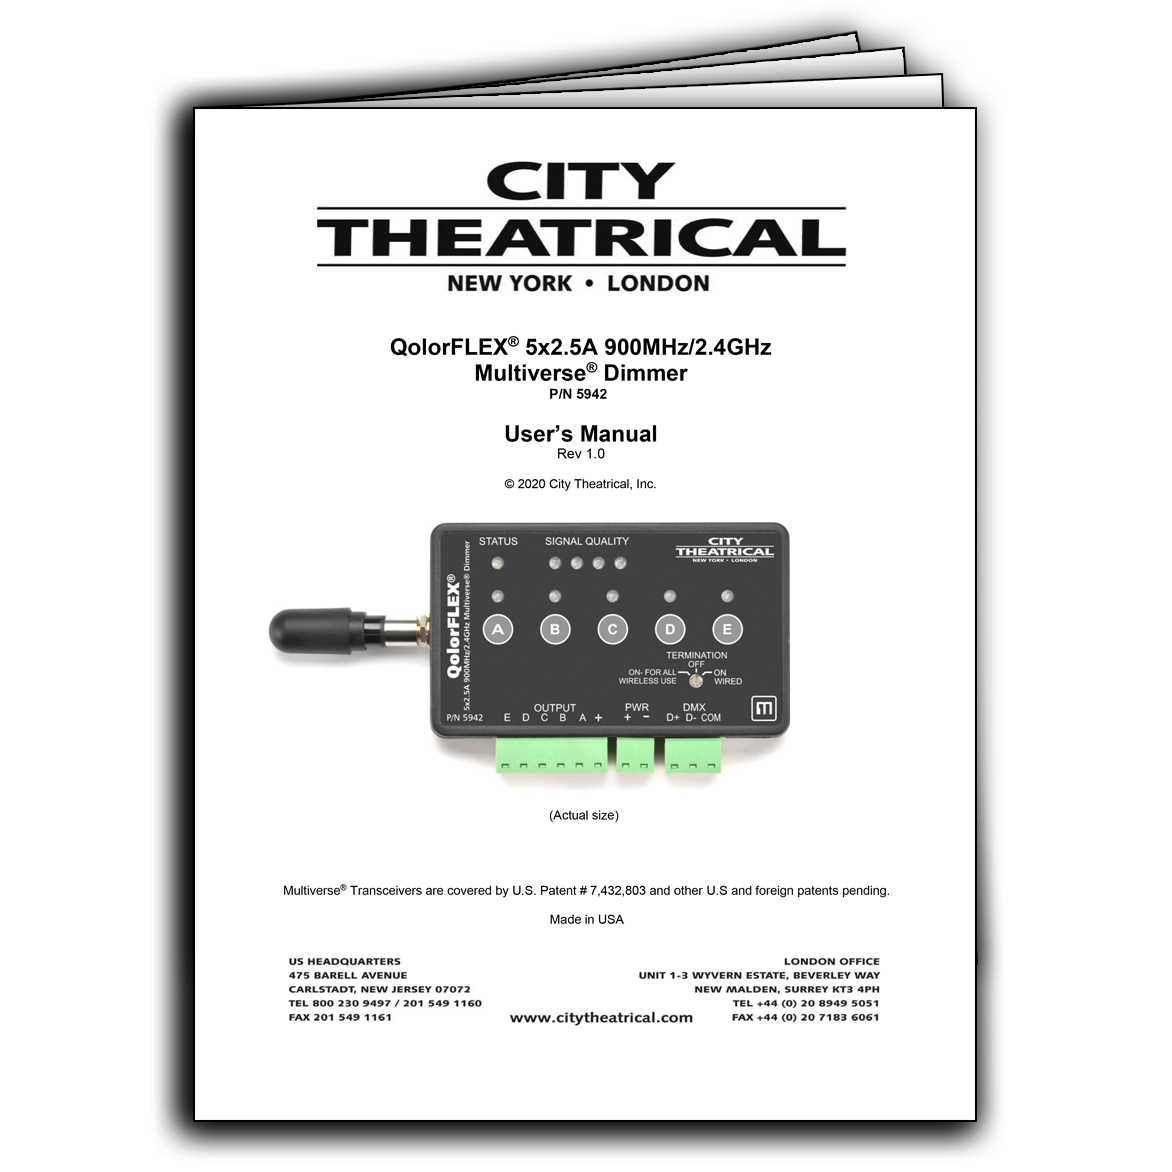 5942 Dimmer User's Manual